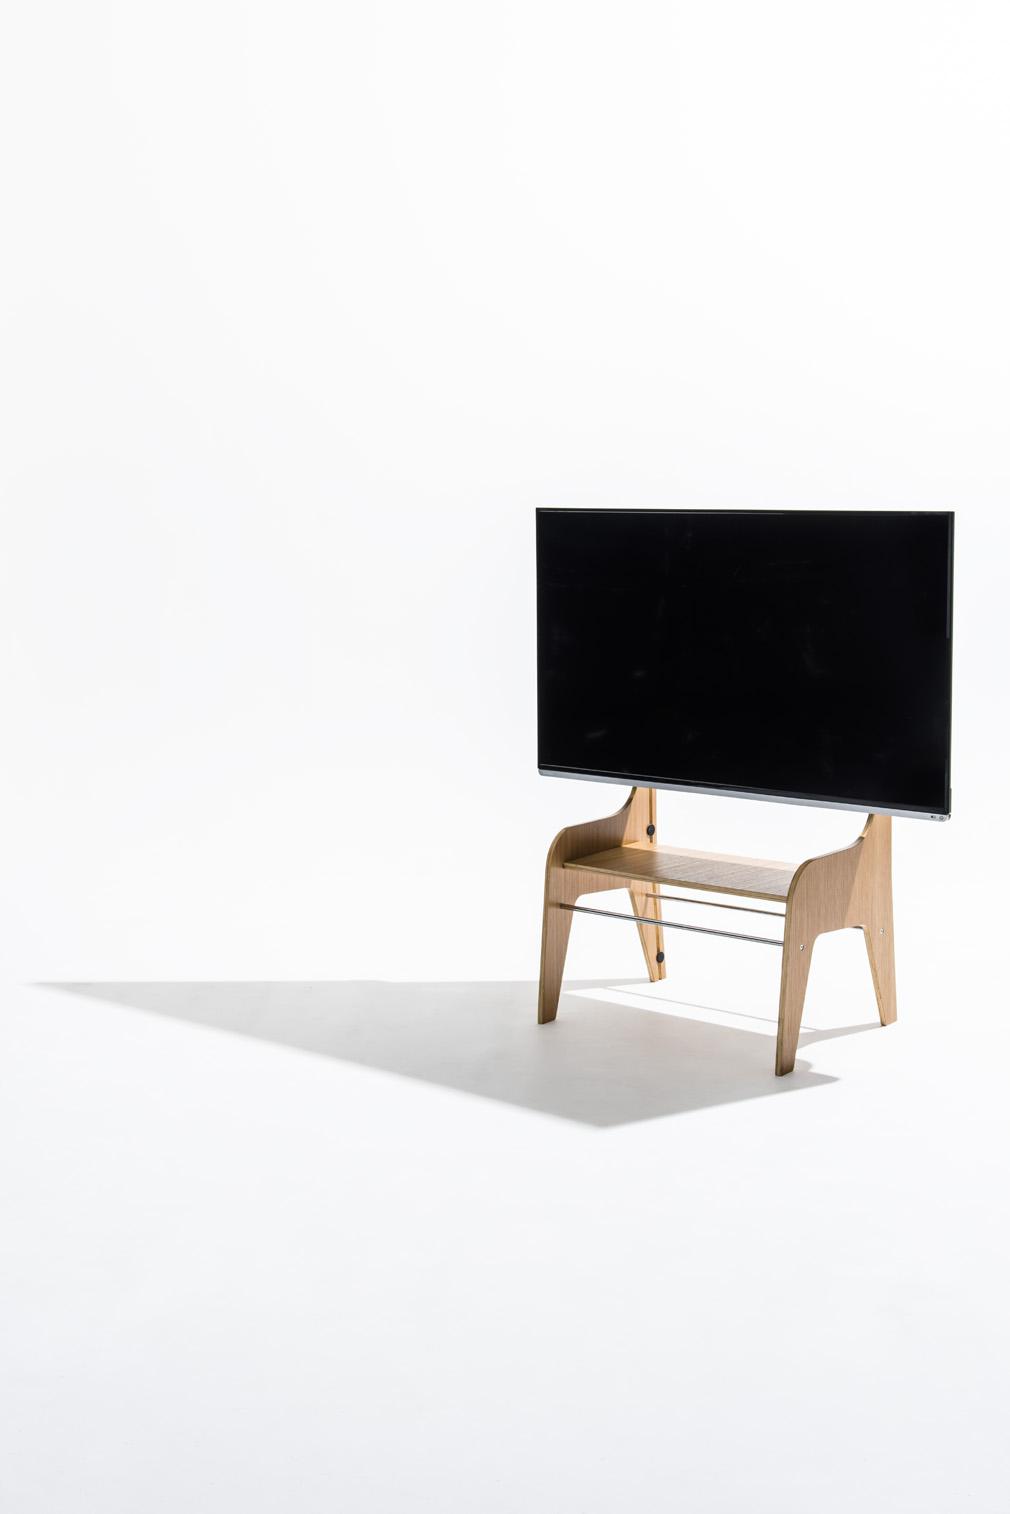 wood-TV-stand-FSW-zeitgeist-midcentury-modern-design-wTV